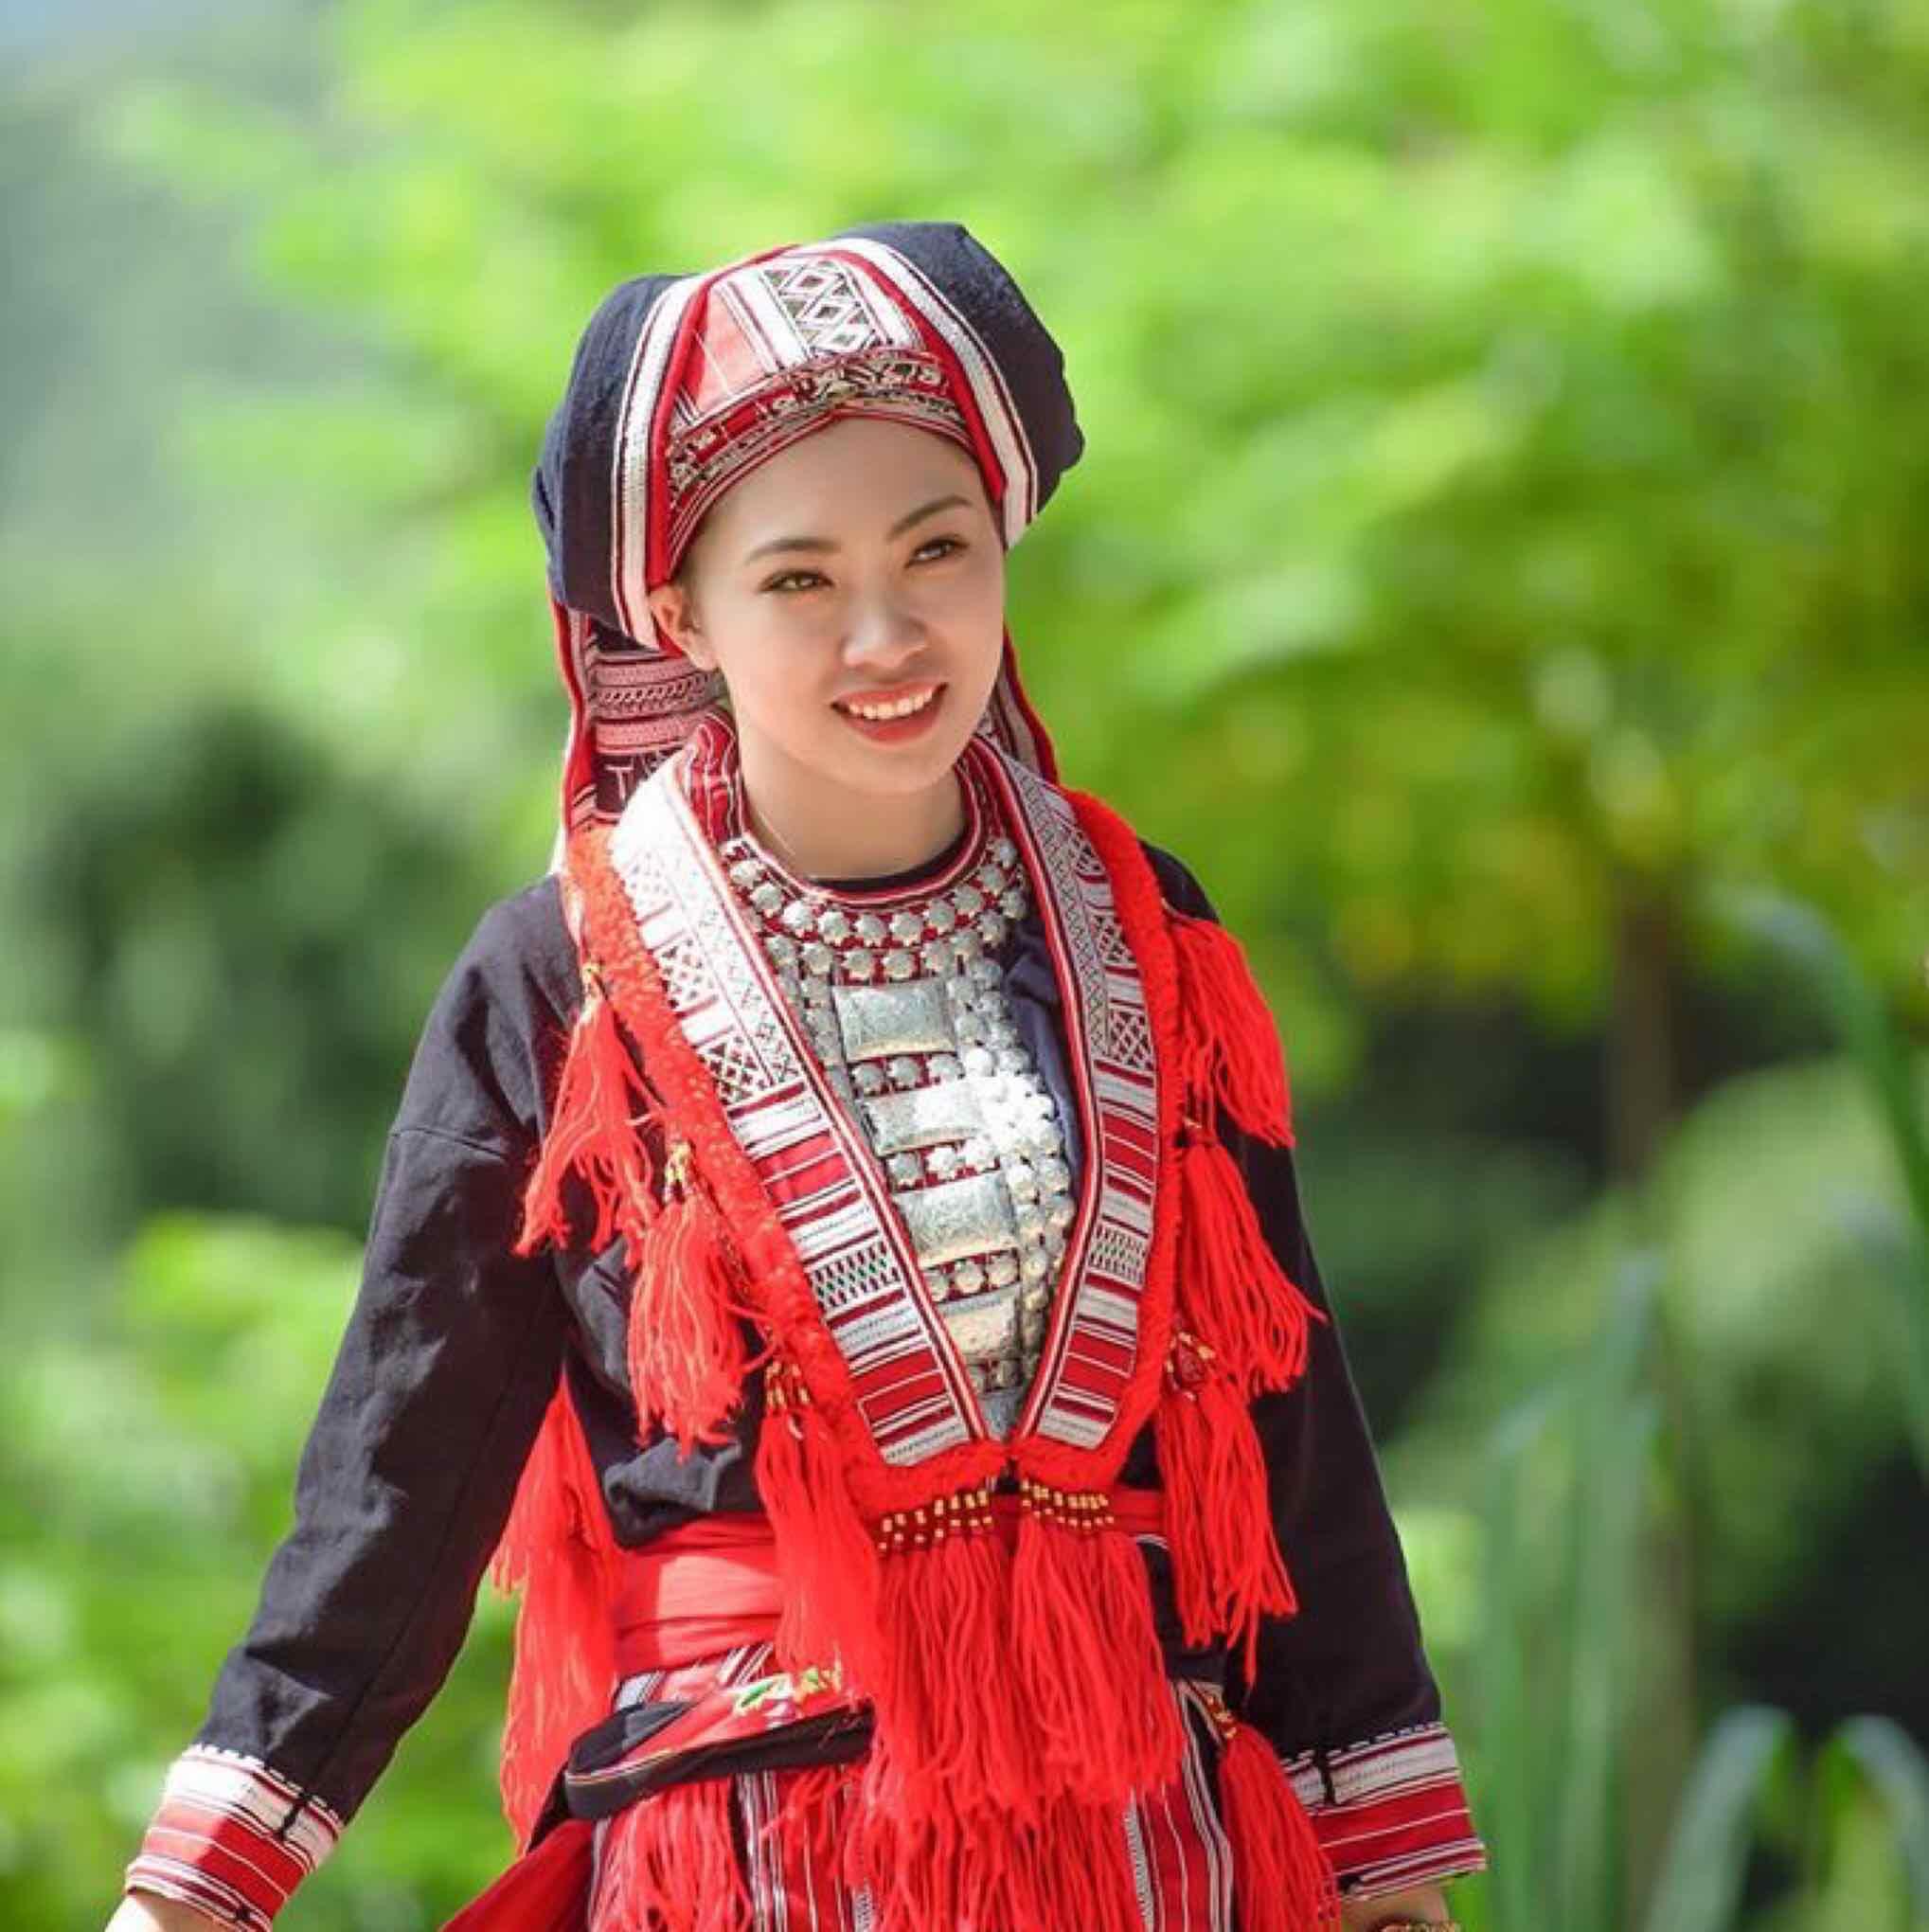 - Vẻ đẹp nguyên sơ của các thiếu nữ dân tộc Dao. Tác giả: Tùng Anh